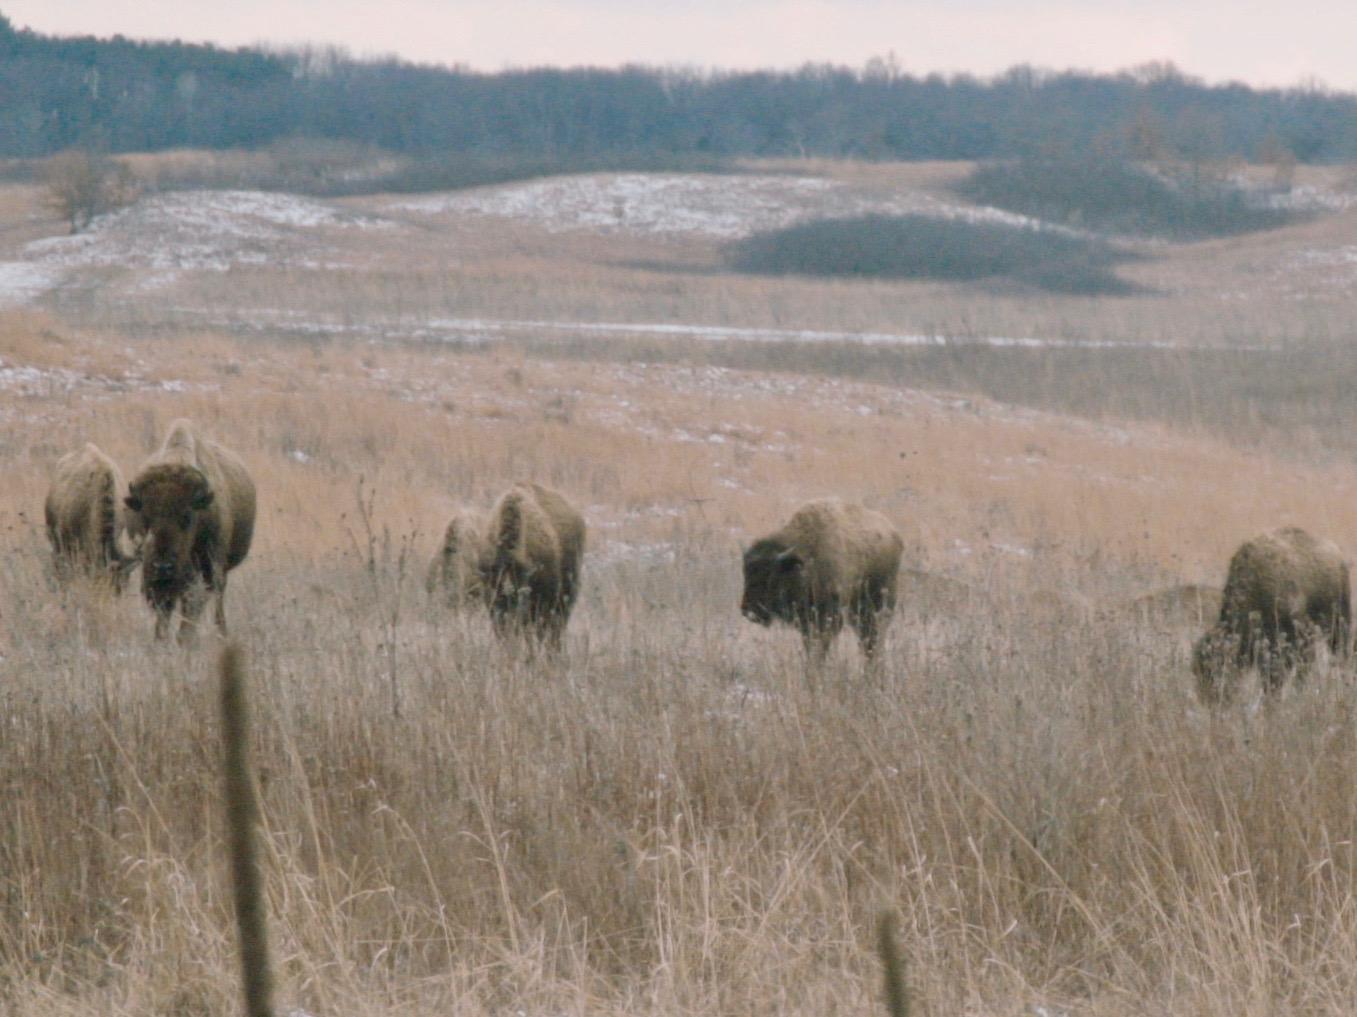 Bison roam the Nachusa Grasslands. (One Illinois/Zach Sigelko)